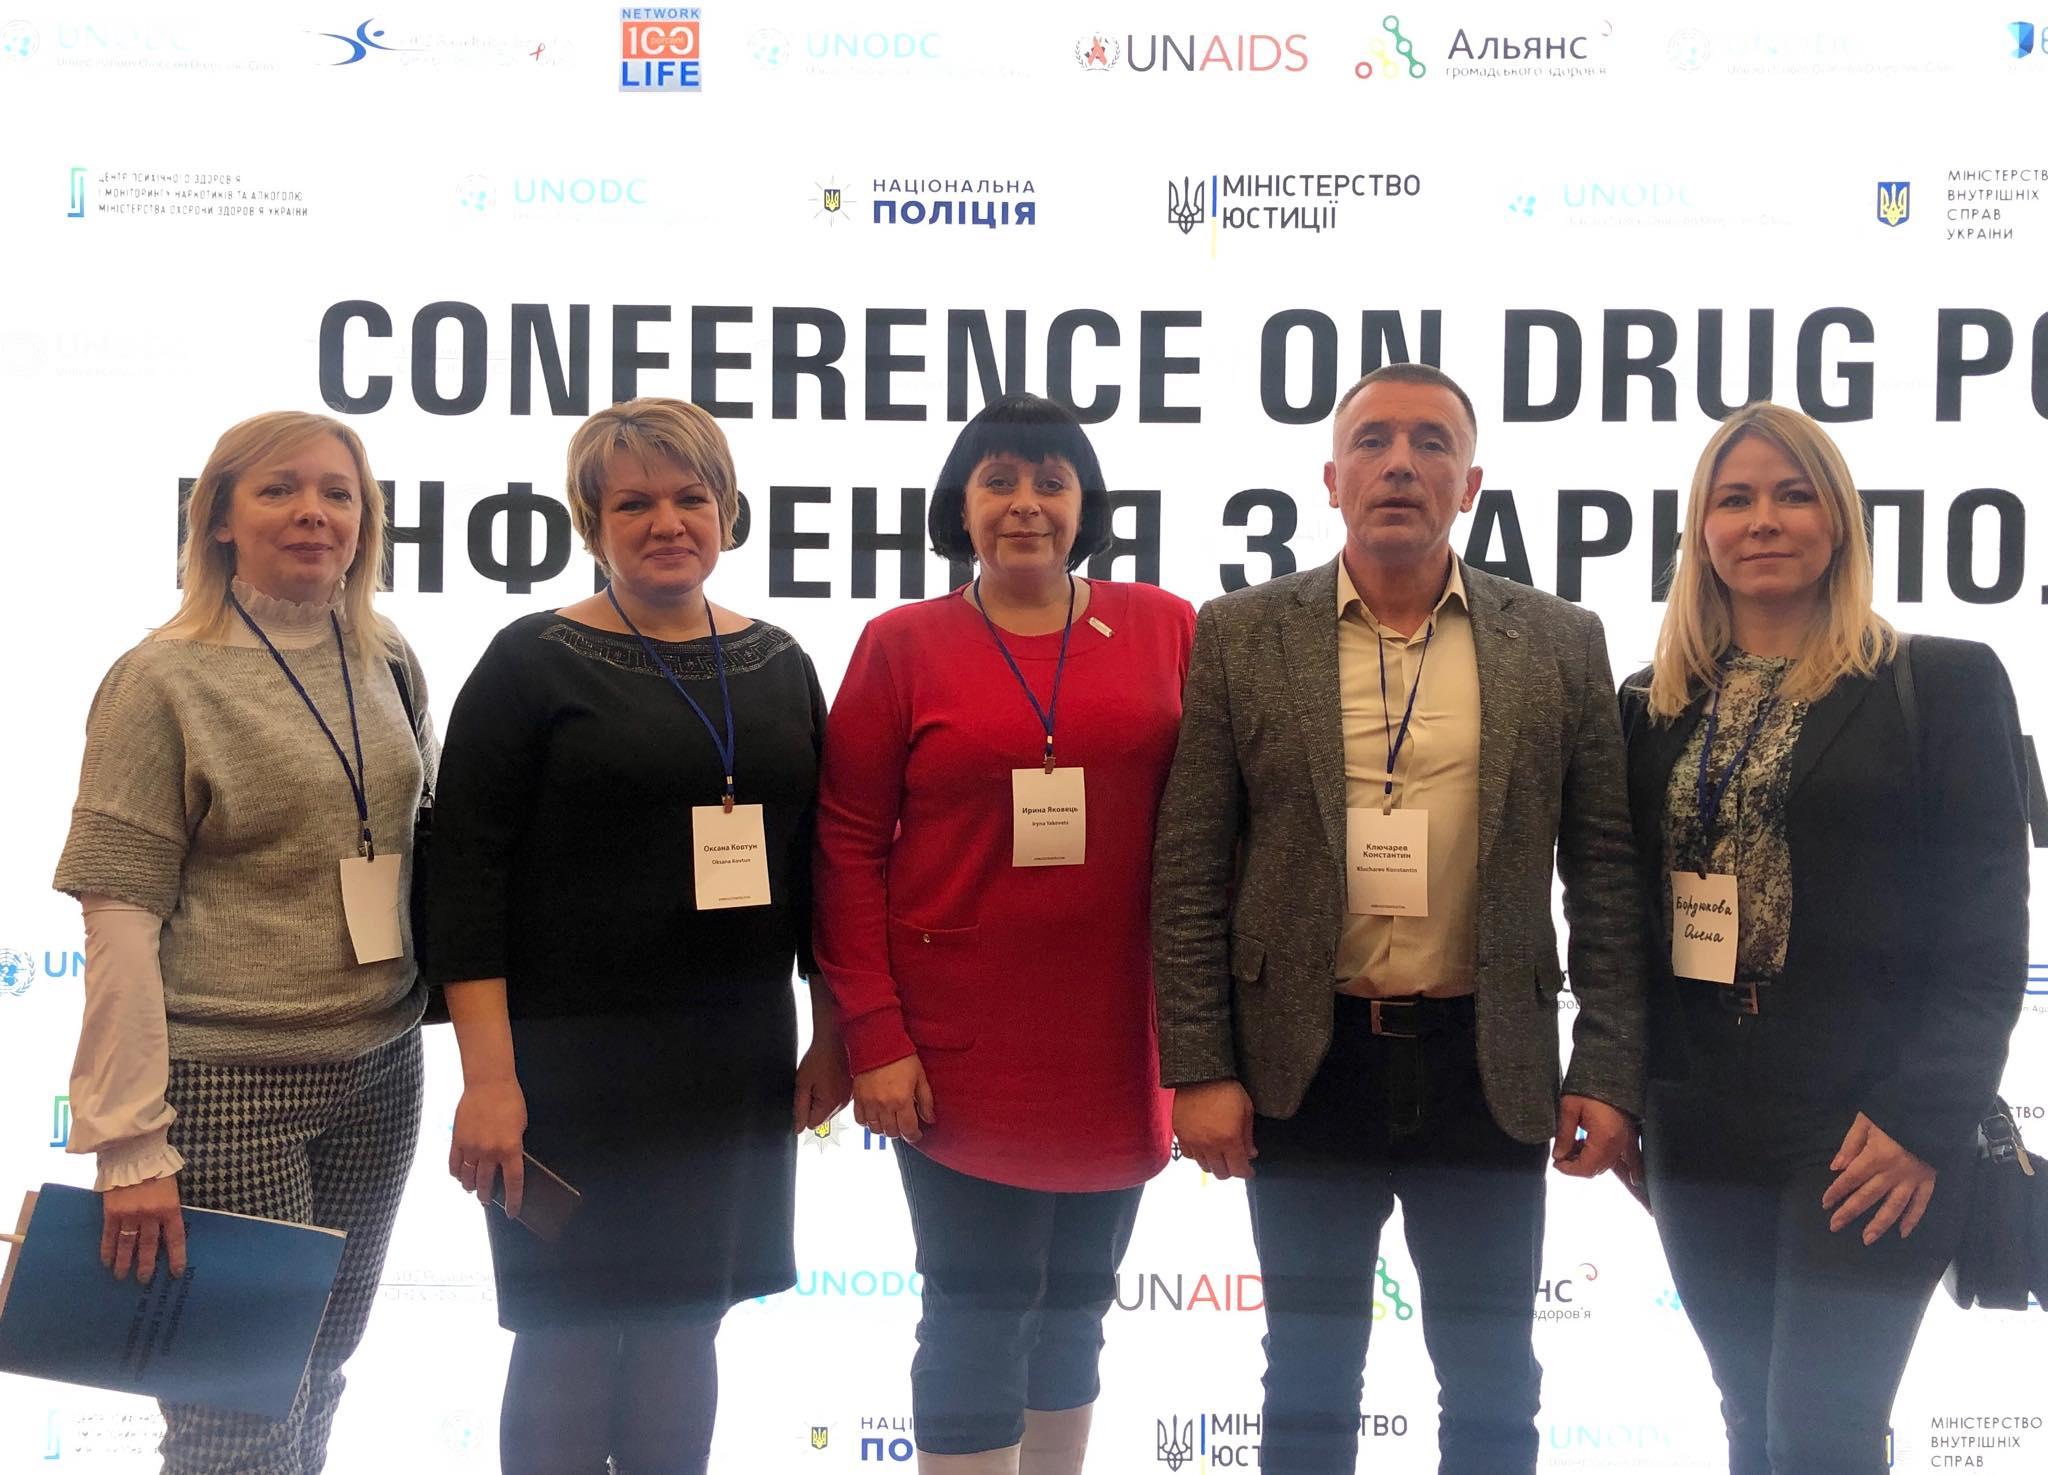 Друга конференція з  наркополітики в Україні